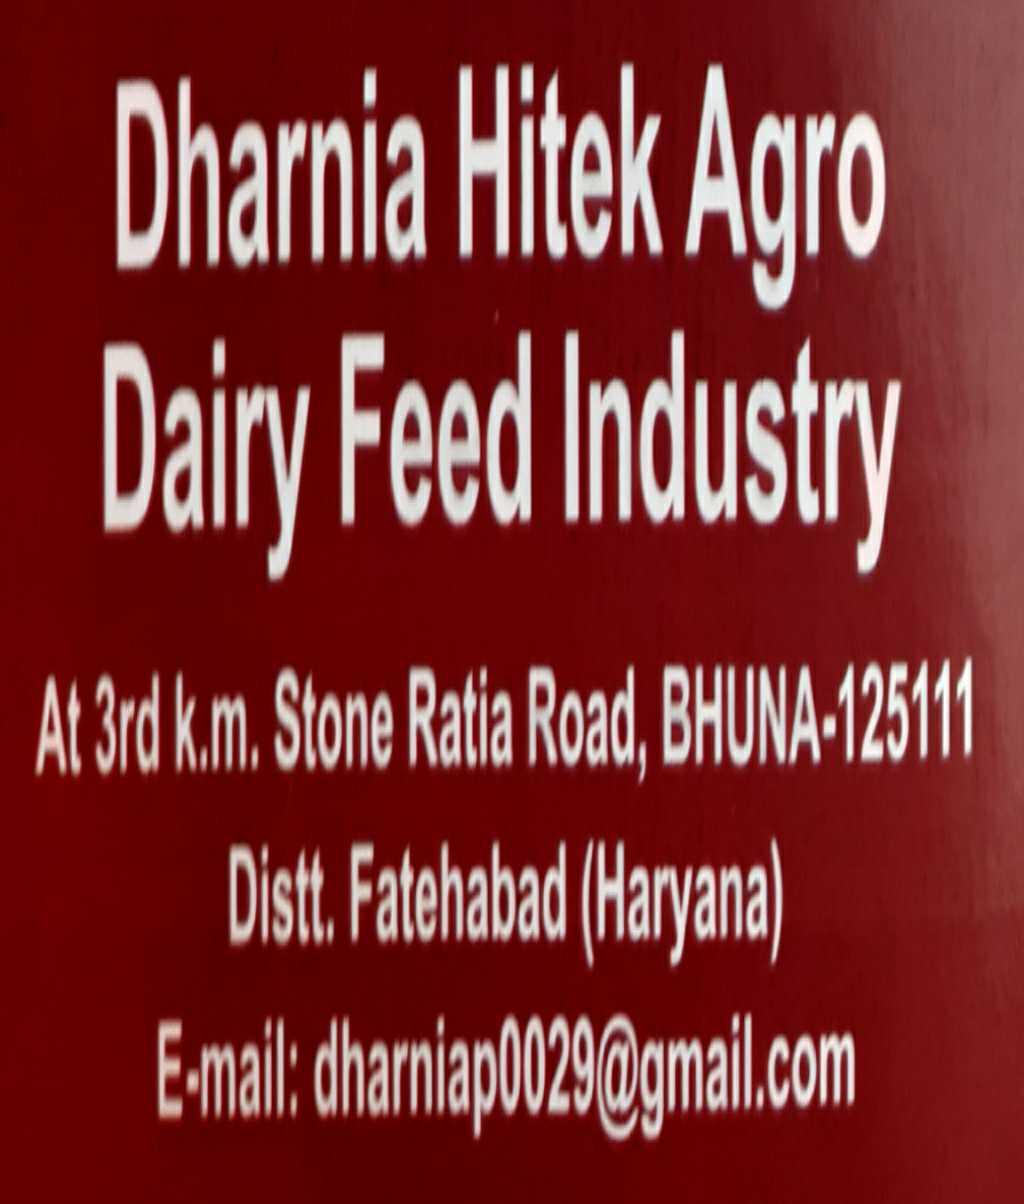 DHARNIA HITEK AGRO DAIRY FEED INDUSTRY